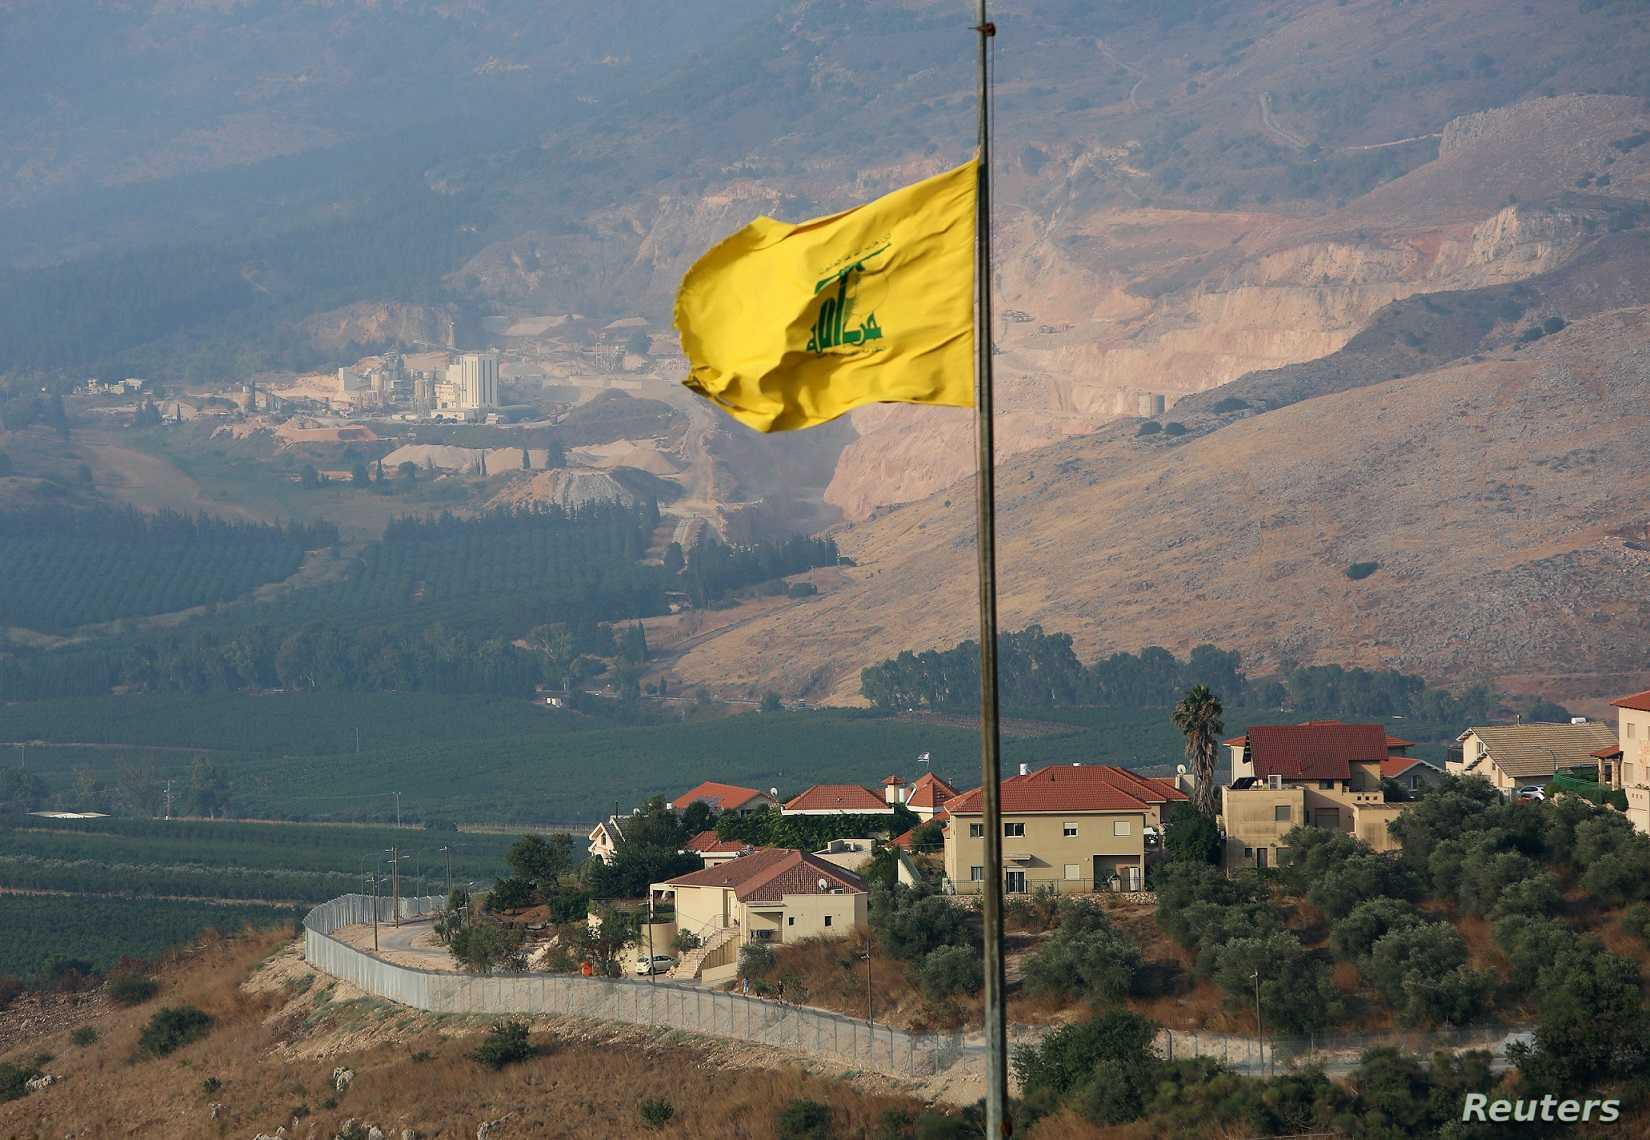 أستونيا تفرض عقوبات على «حزب الله» وتمنع دخول أعضائه لأراضيها